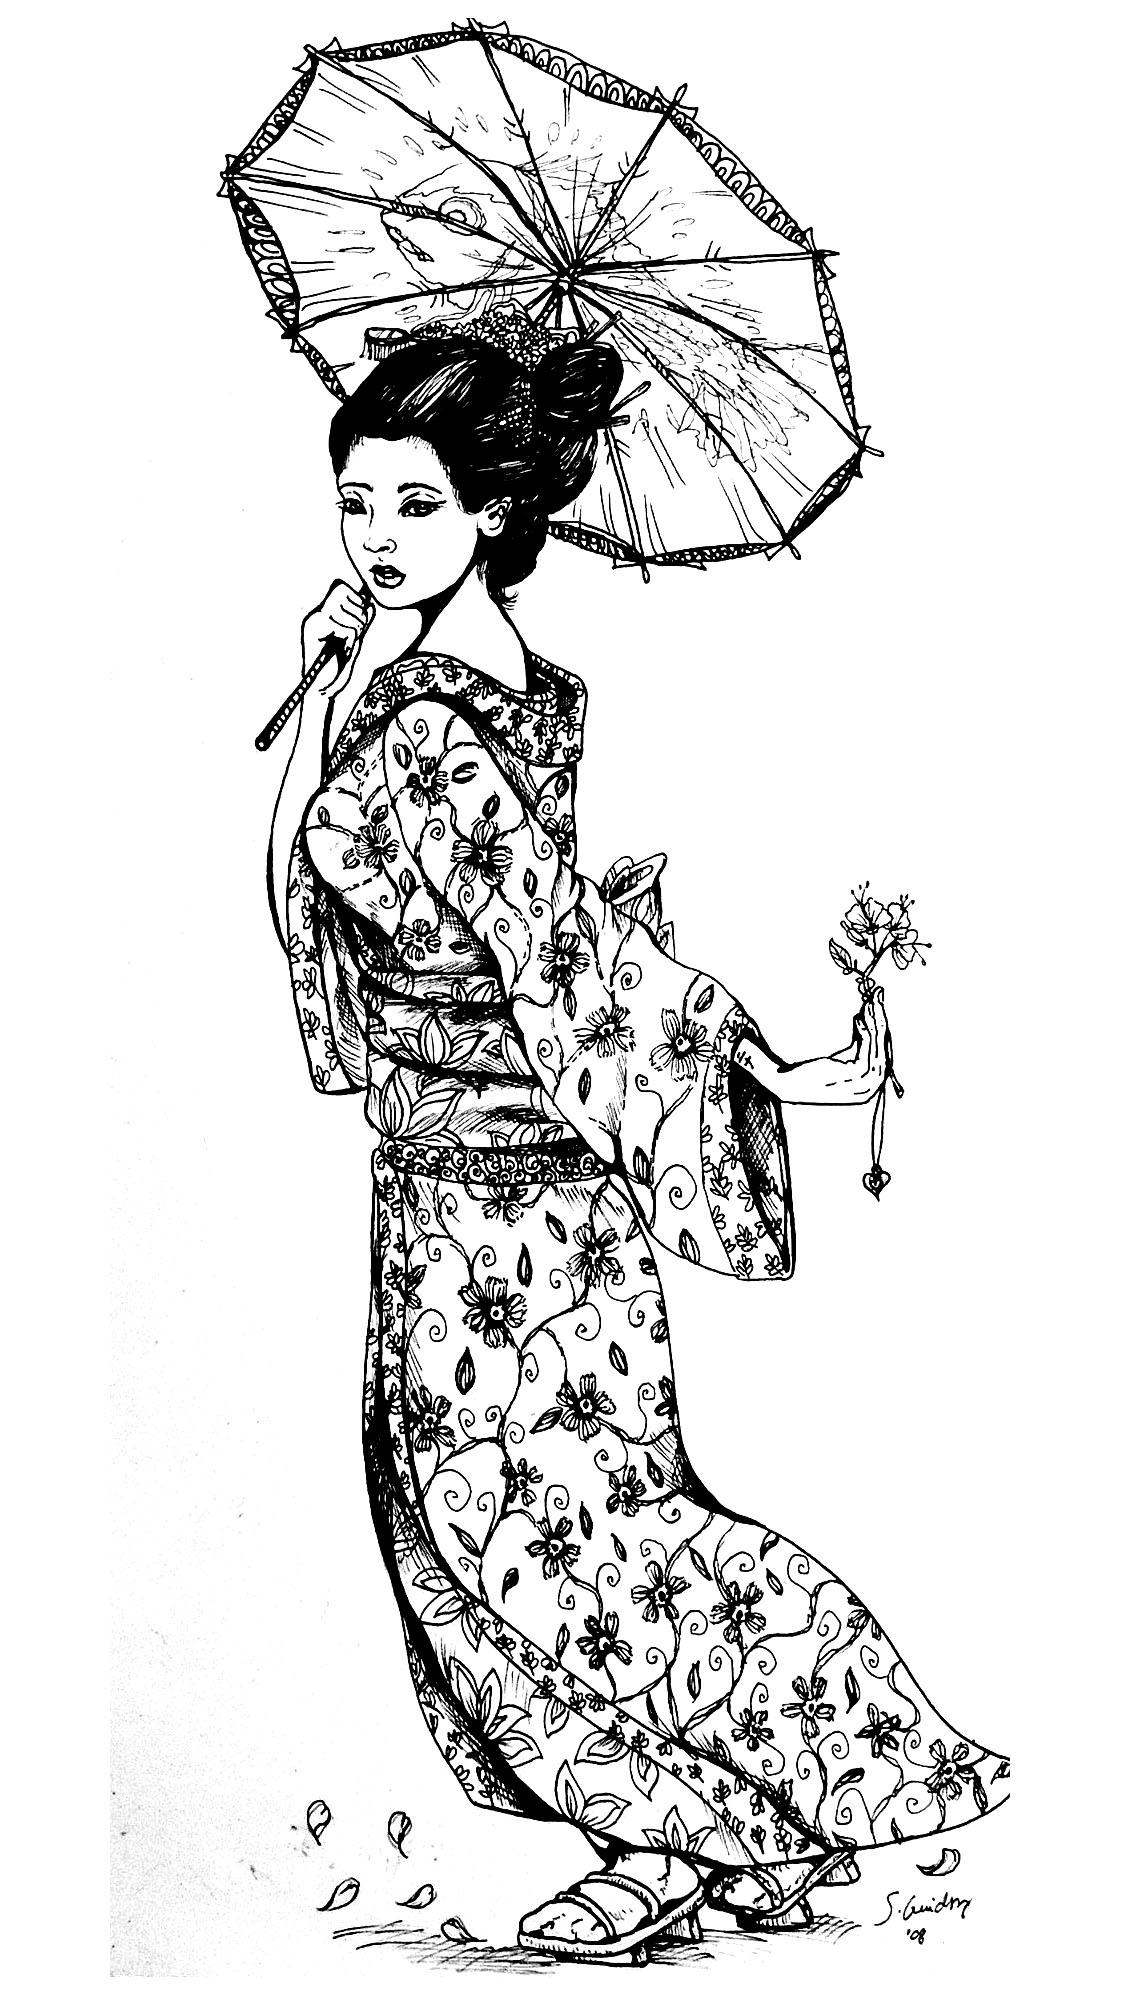 Magnifique peignoir pour cette geisha